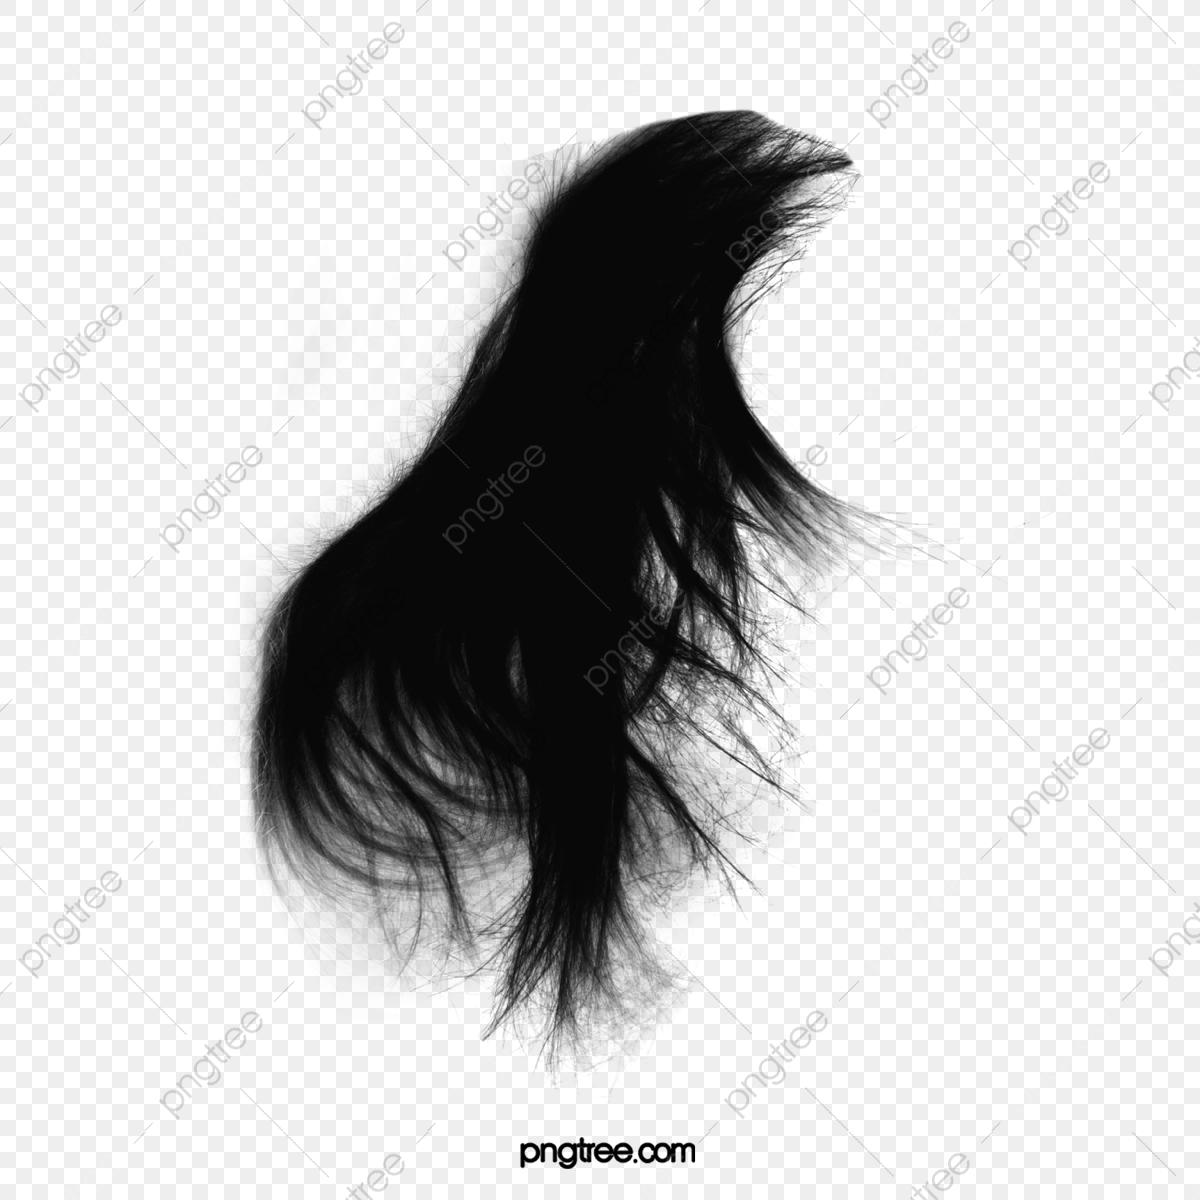 Elegant Scattering Hair, Elegant, Flowing Hair, Long Hair PNG.